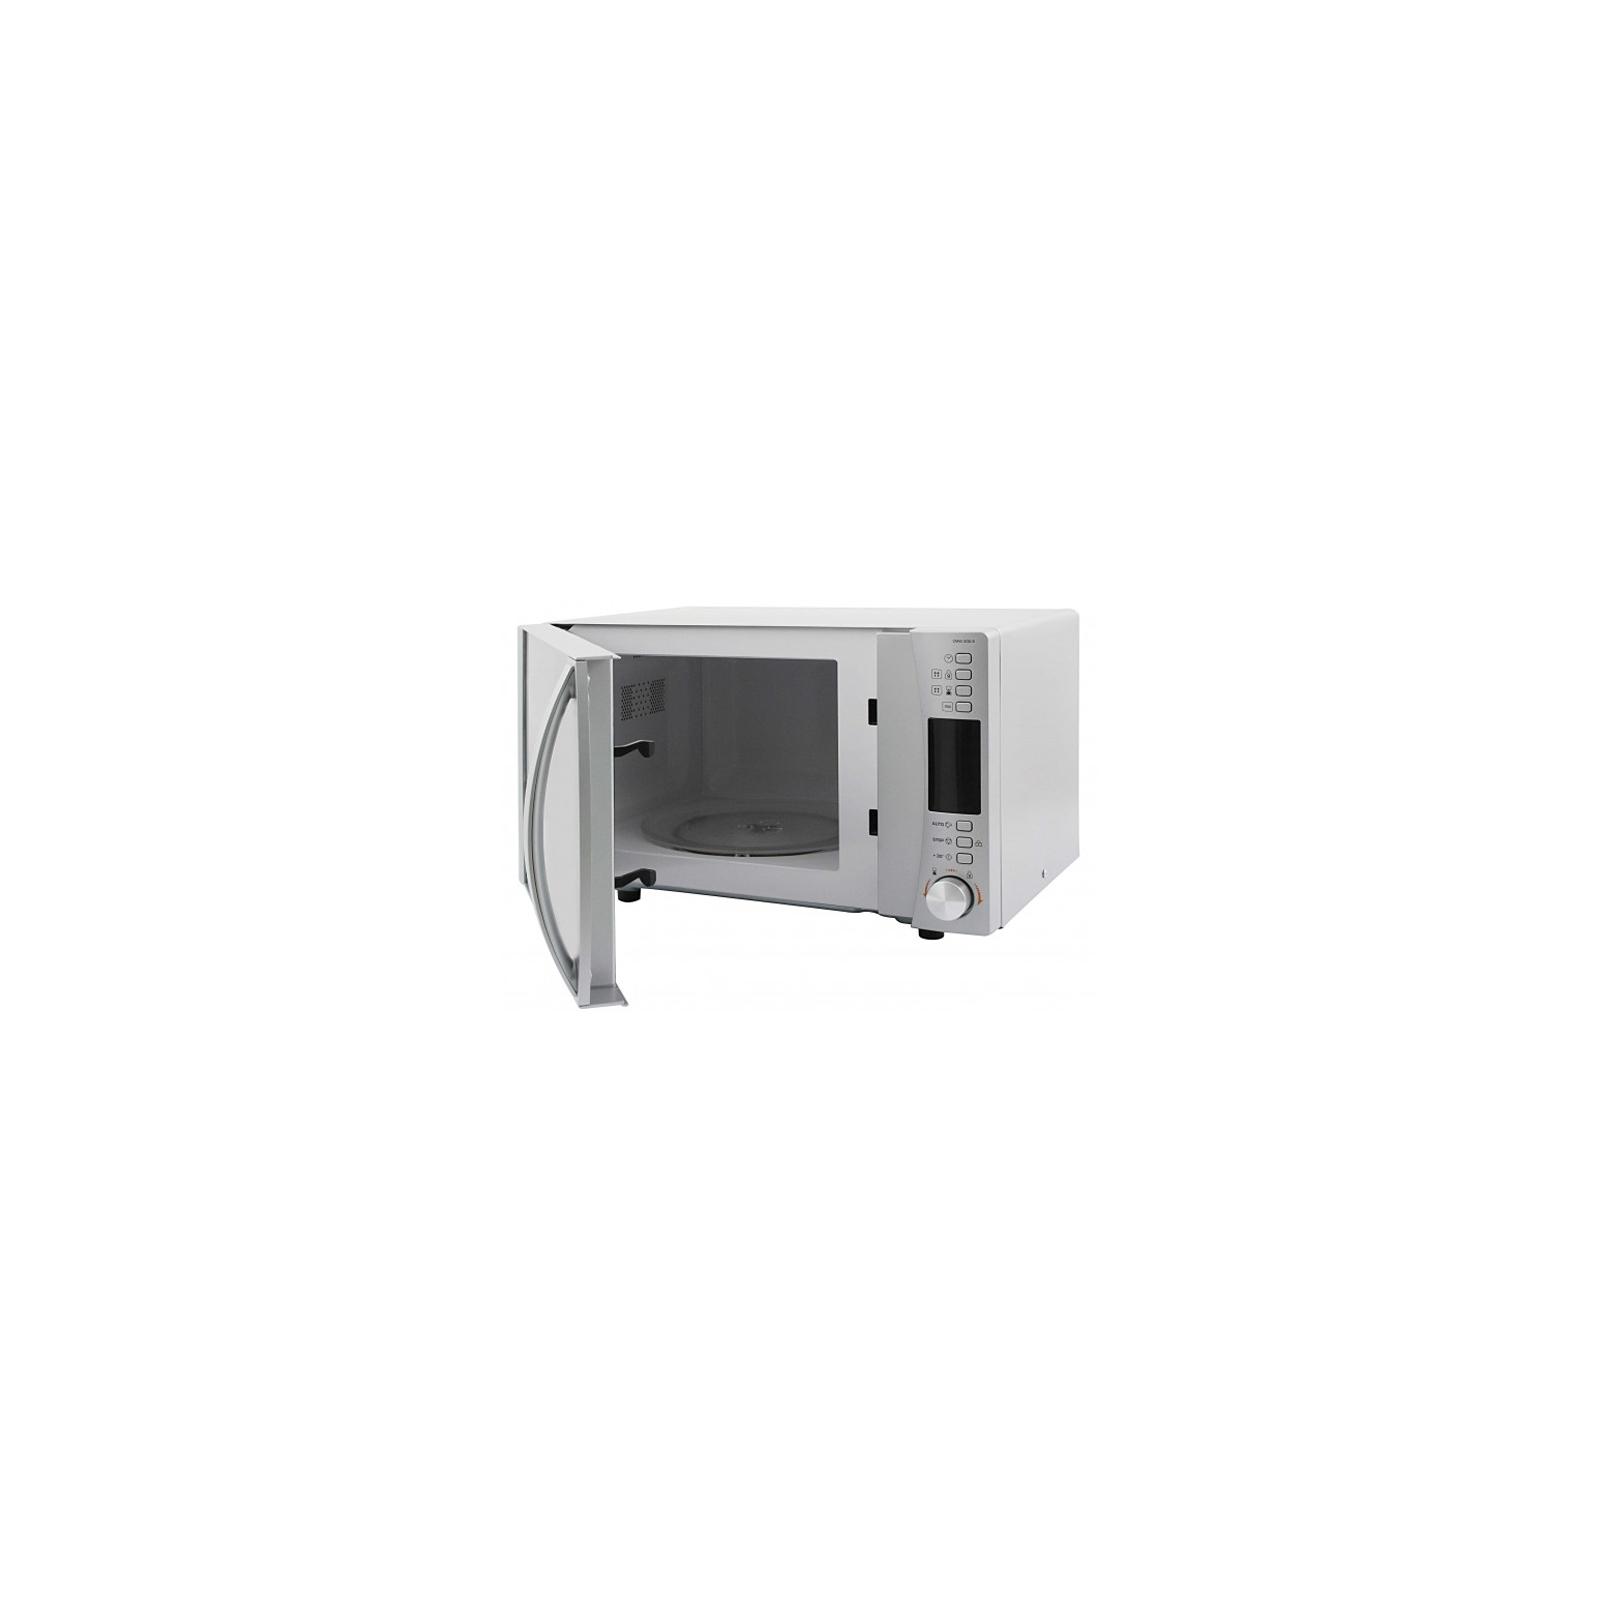 Микроволновая печь CANDY CM WC 20 DS (CMWC20DS) изображение 2